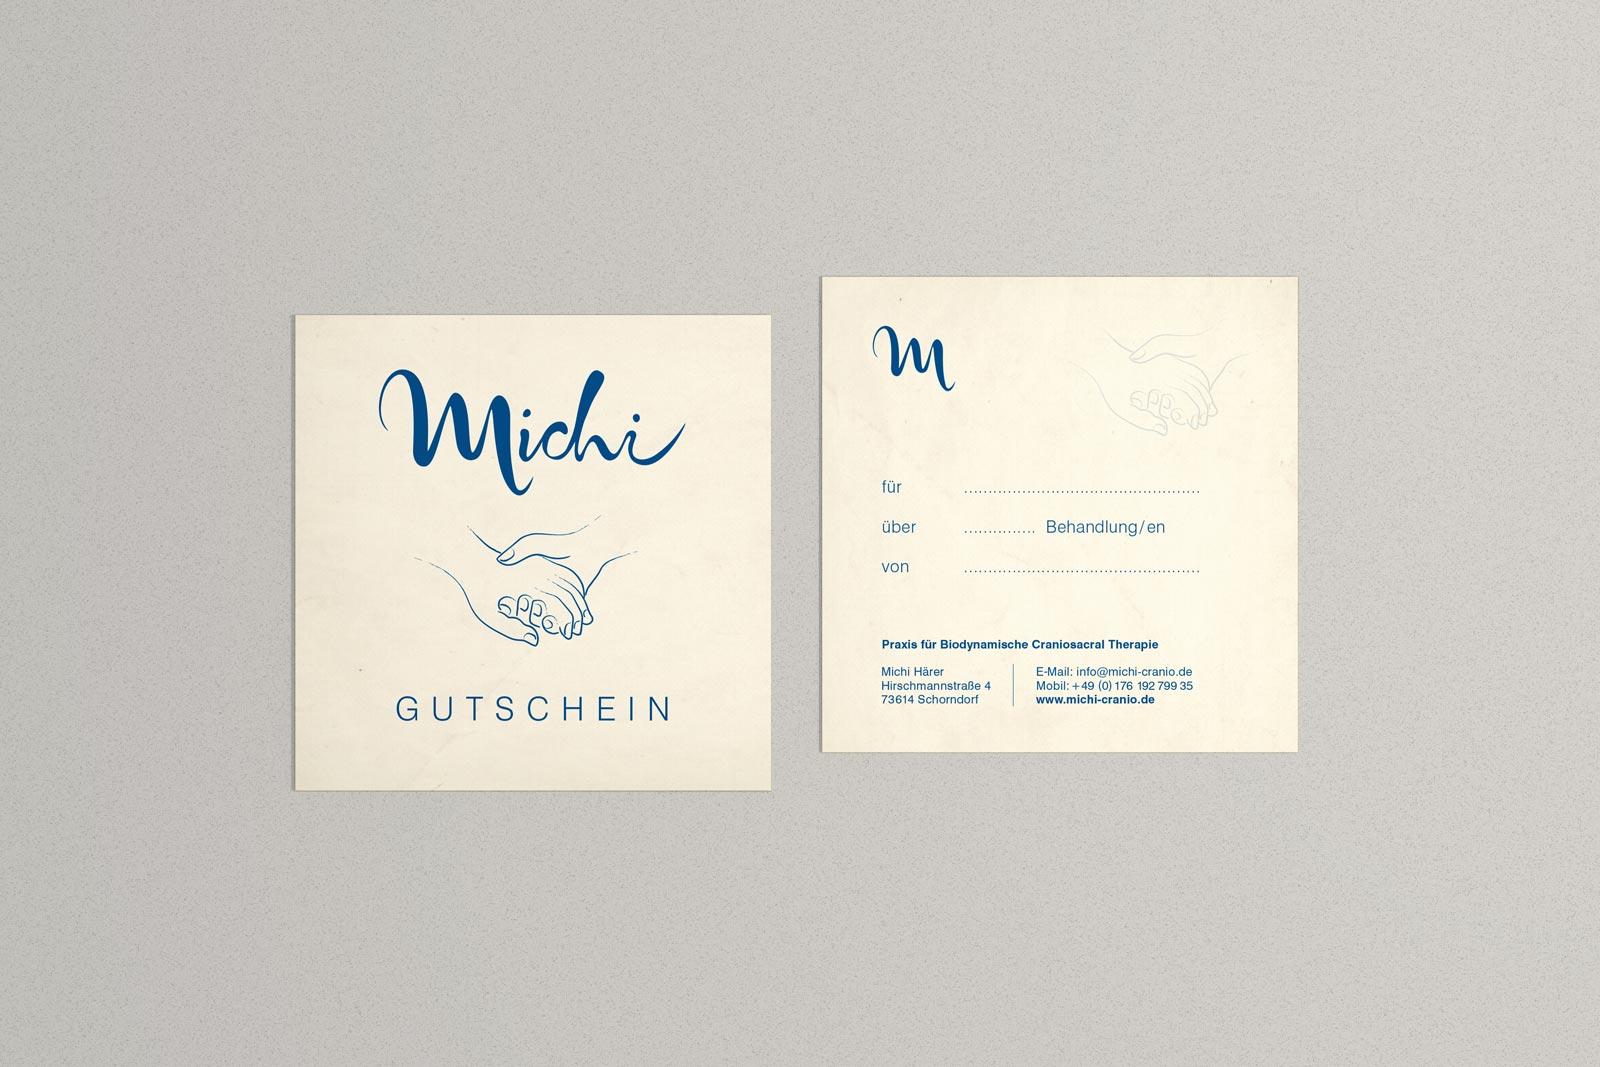 Michi, Gutschein, Geschäftsausstattung, Corporate Design